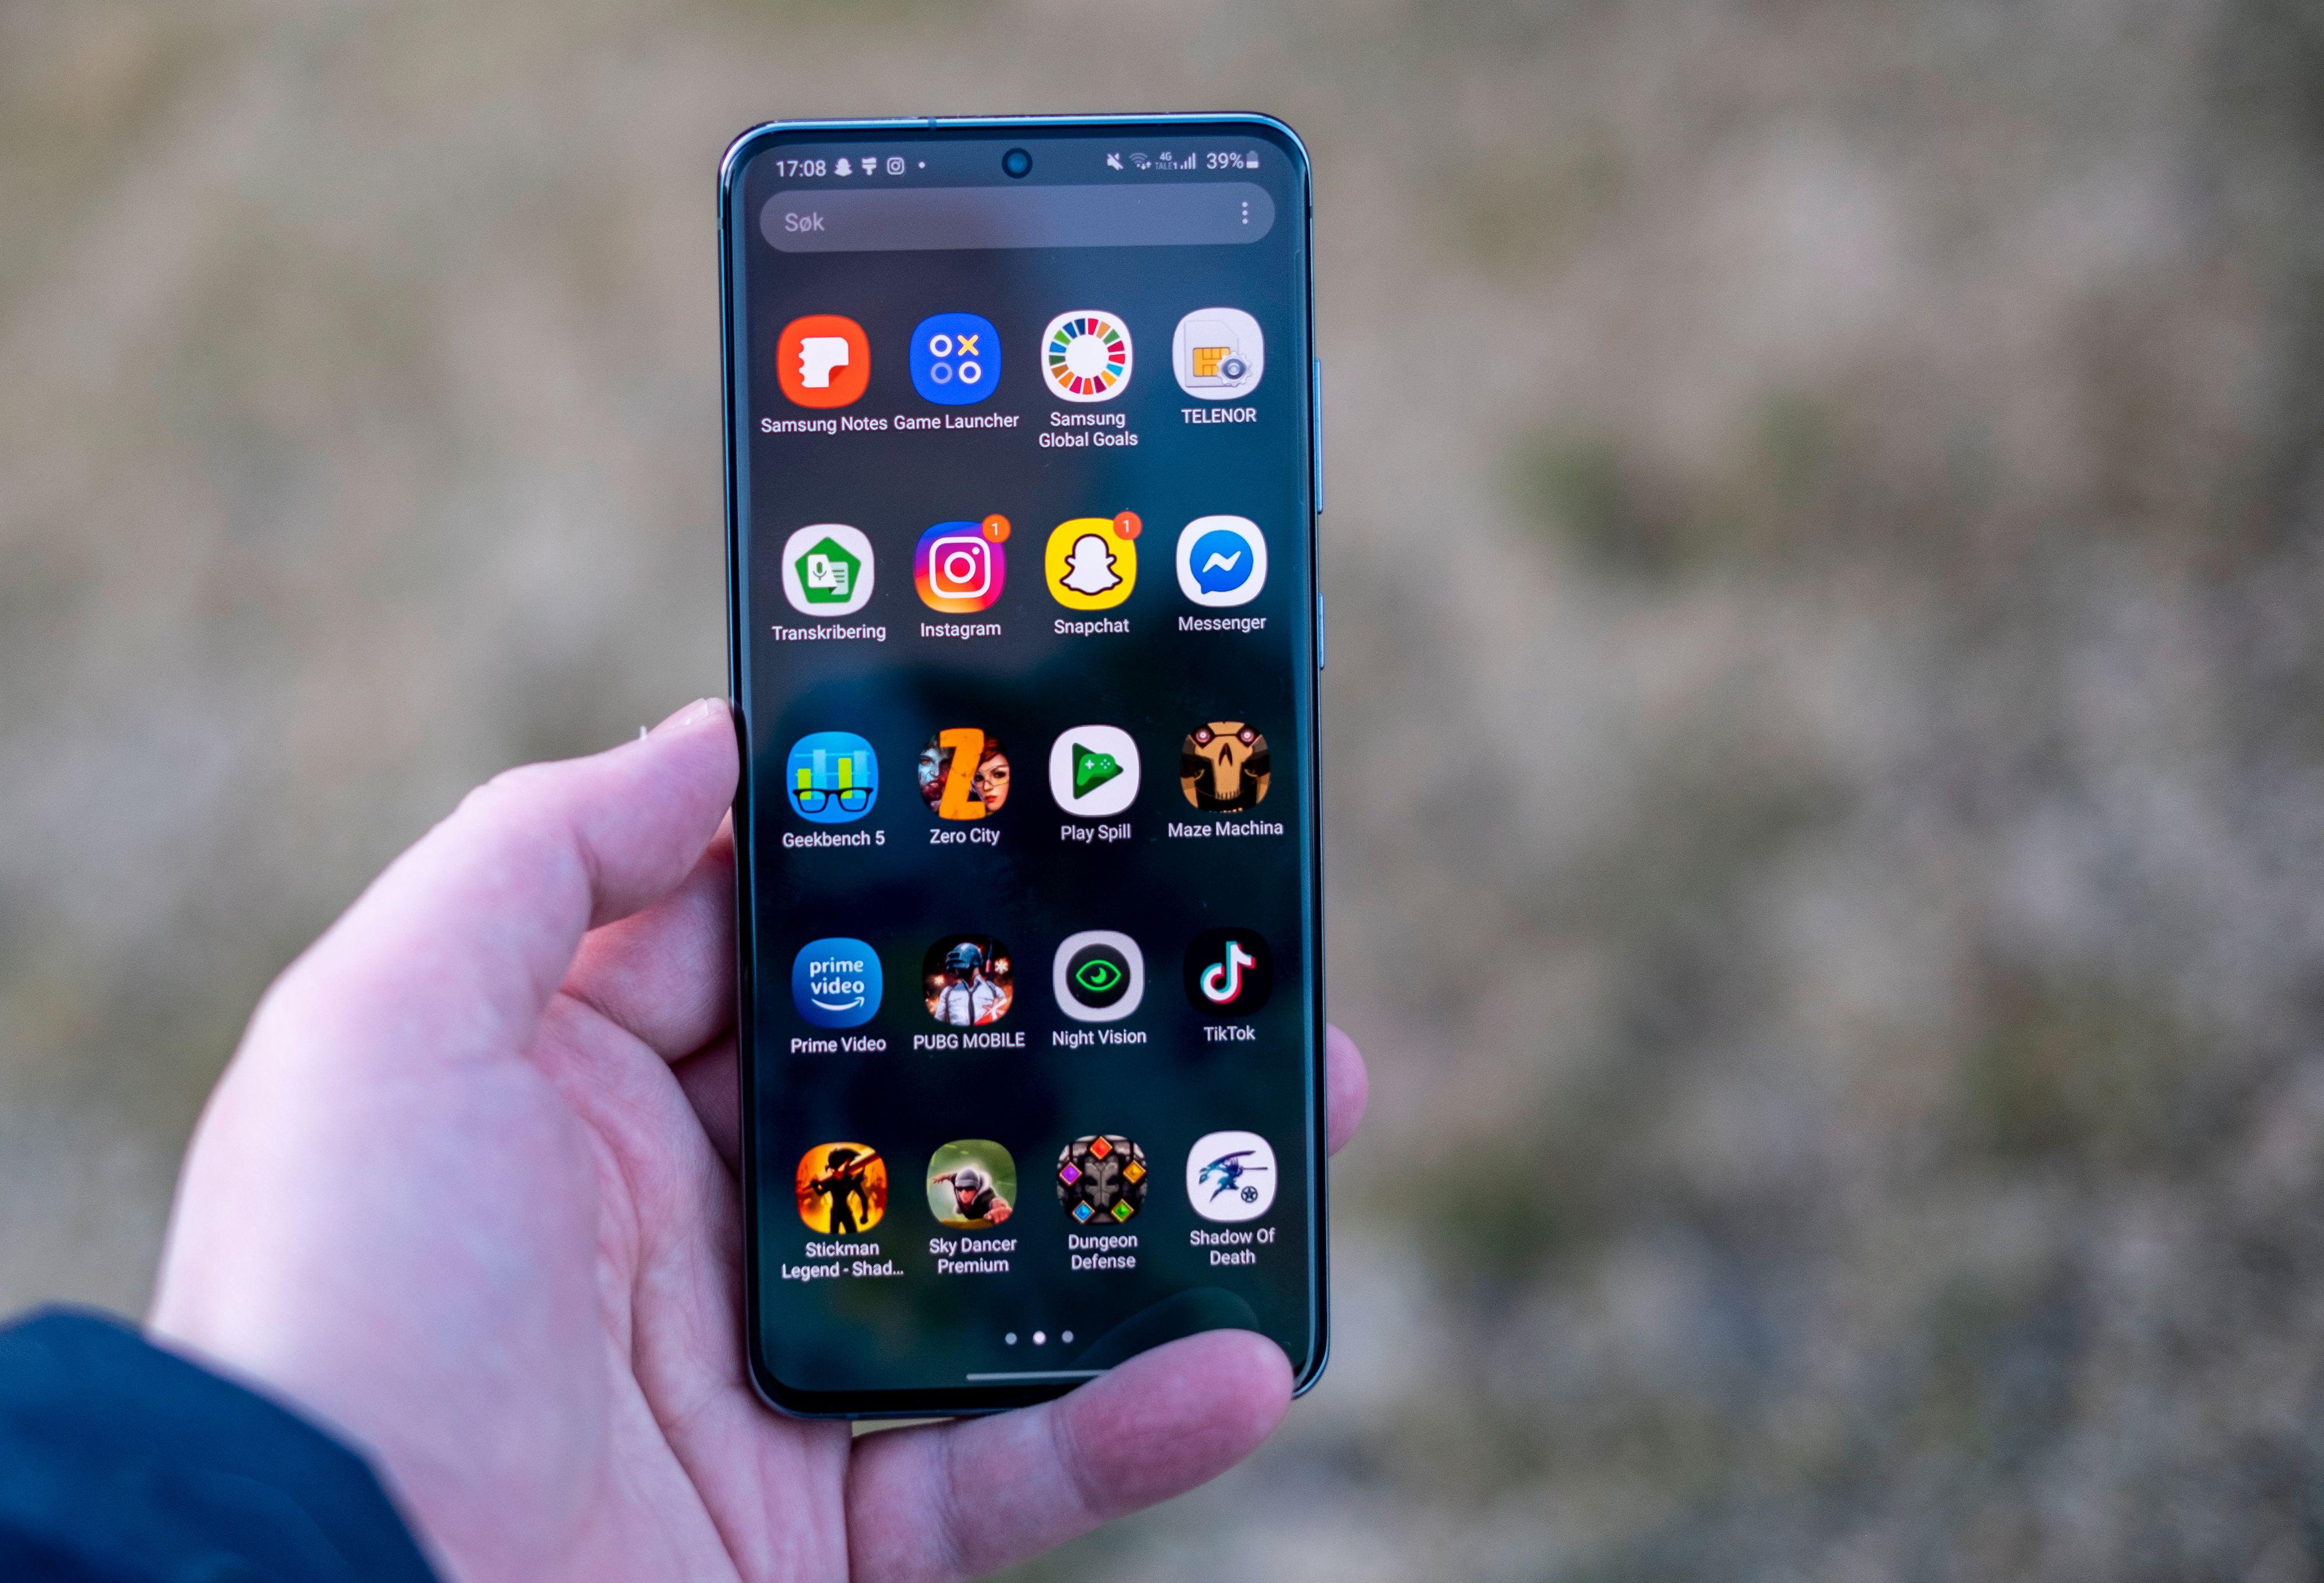 120 Hz skjerm gjør skrolling og panorering i menyer og tekstsider til en fryd. Men det bruker mye strøm - selv med mørk modus aktivert på AMOLED-skjermen eter Galaxy S20 Ultra seg gjennom det digre batteriet sitt på en dag når 120 Hz er aktivert.